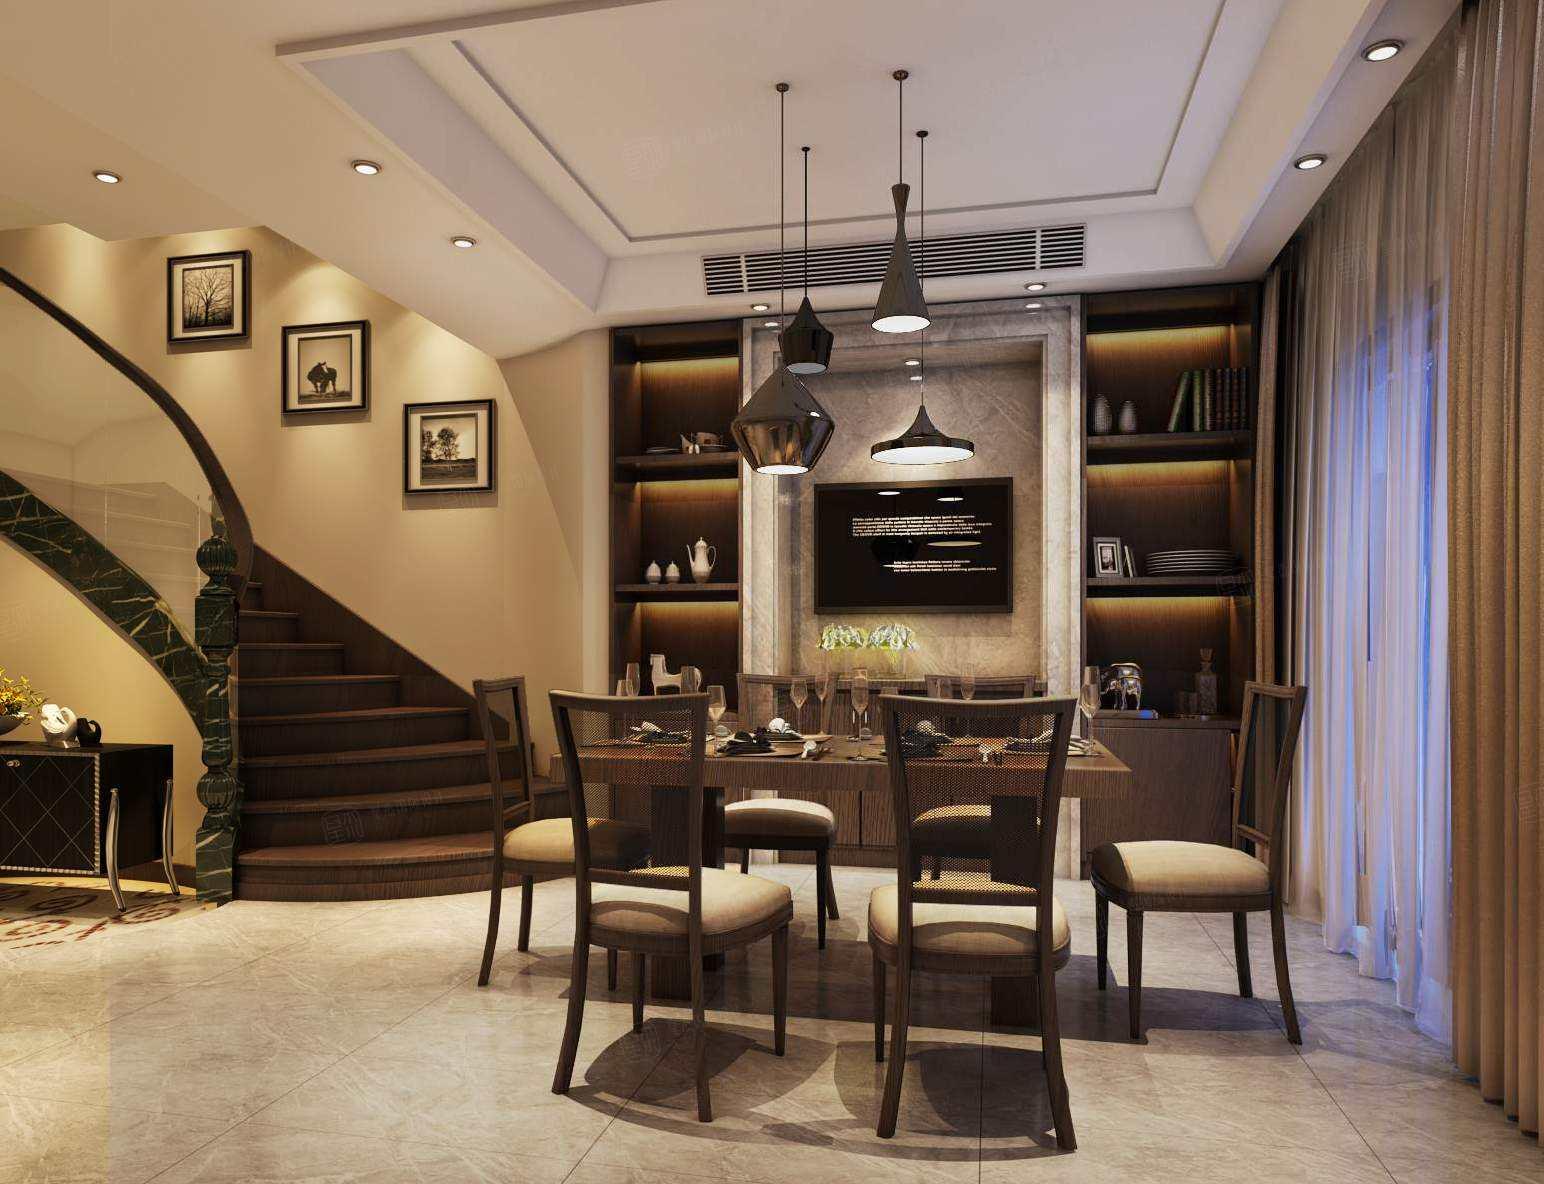 两河流域 现代简约装修餐厅效果图